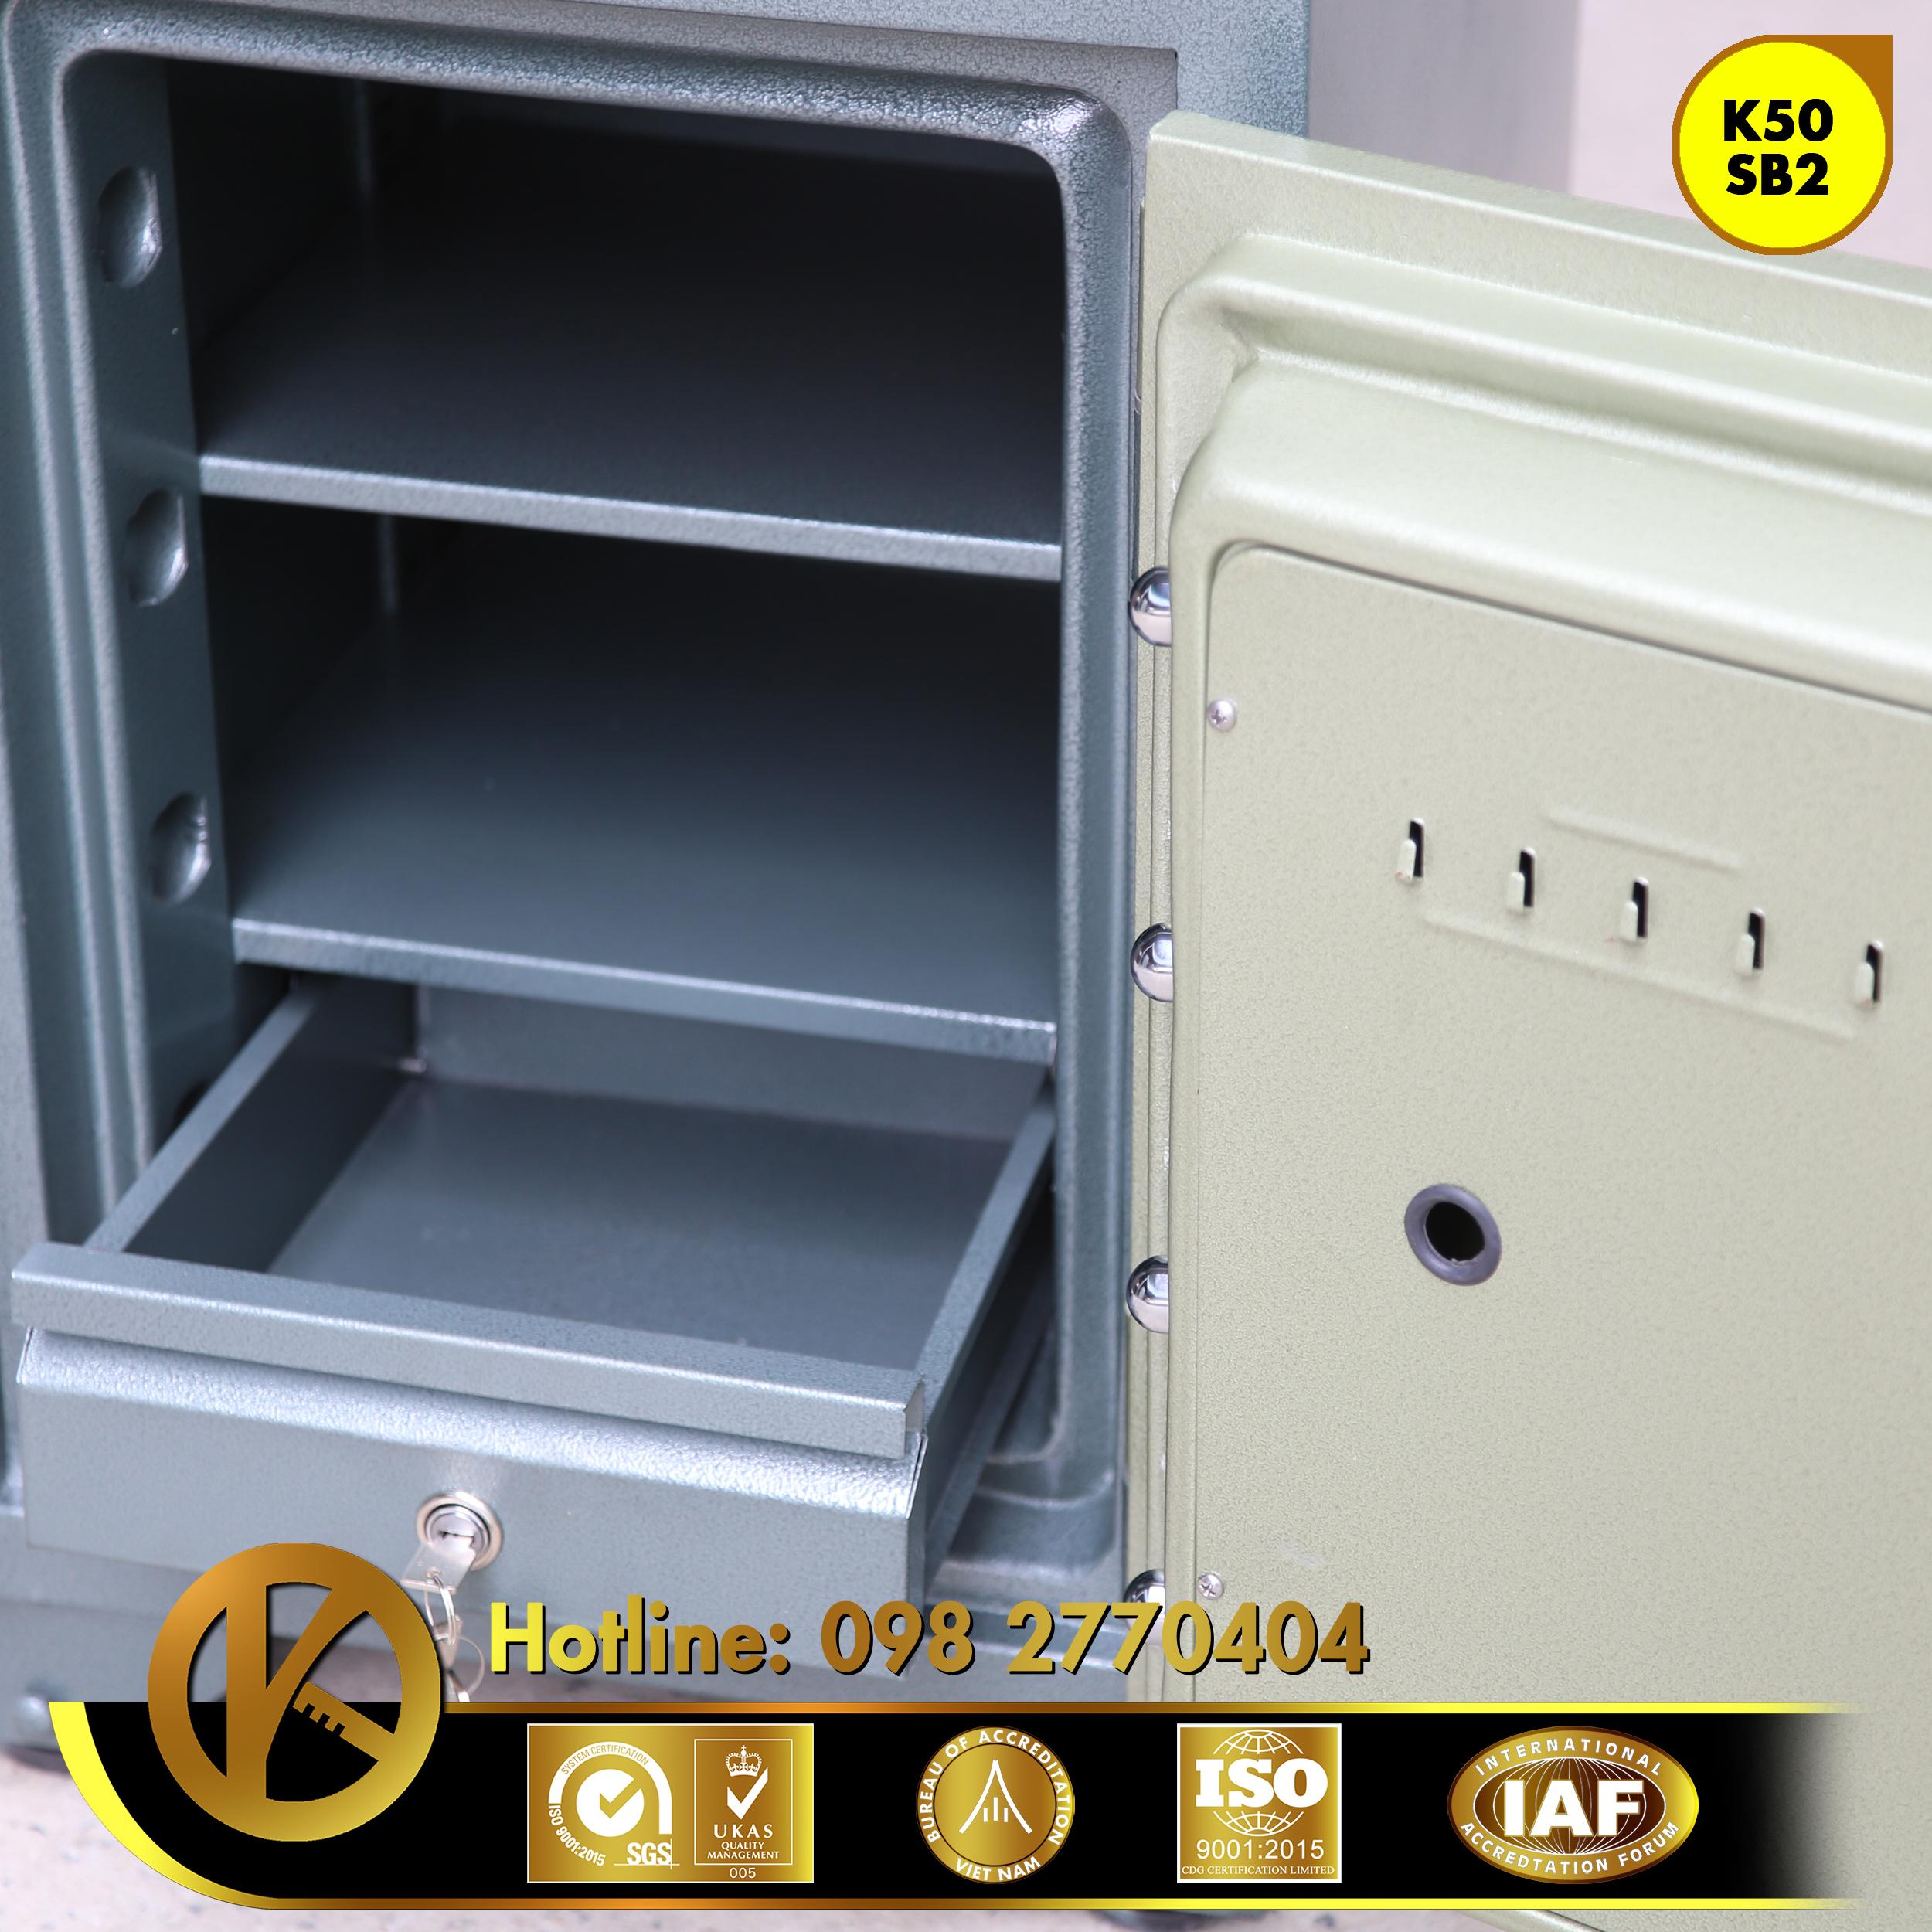 hình ảnh sản phẩm Két sắt ngân hàng K50SB2 khóa đổi mã